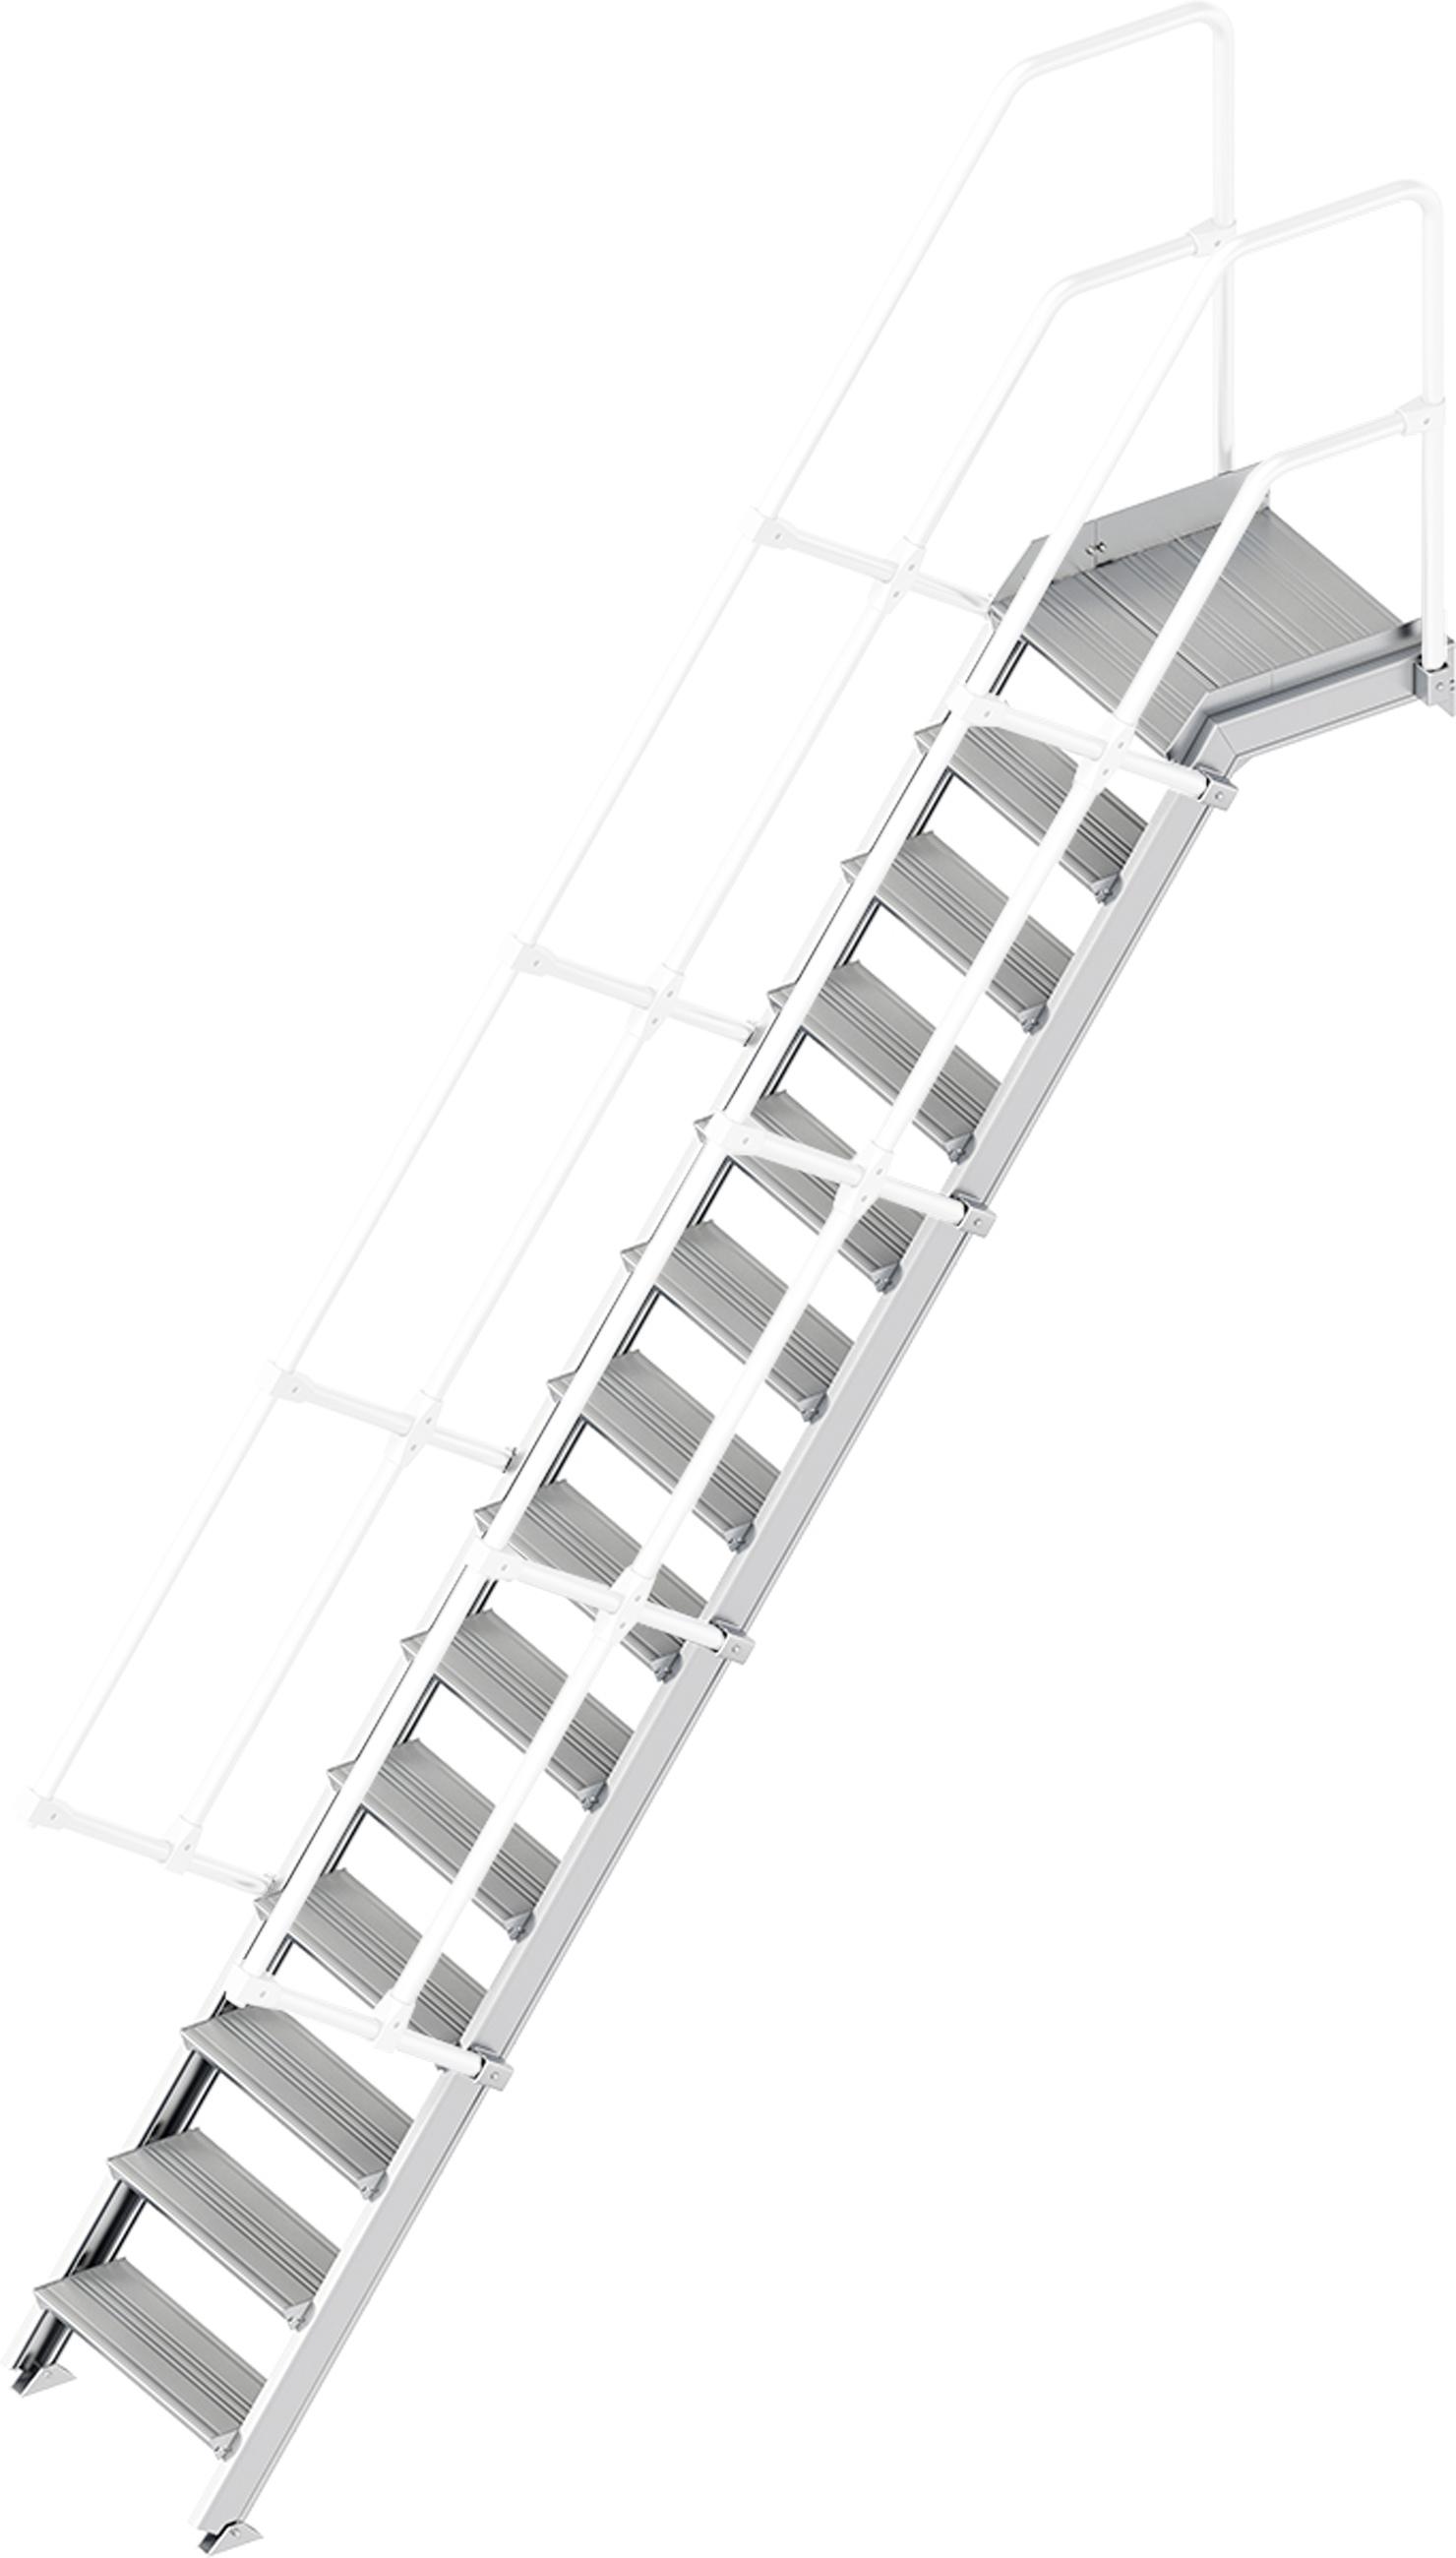 Layher Plattformtreppe 55° 14 Stufen - 600 mm breit